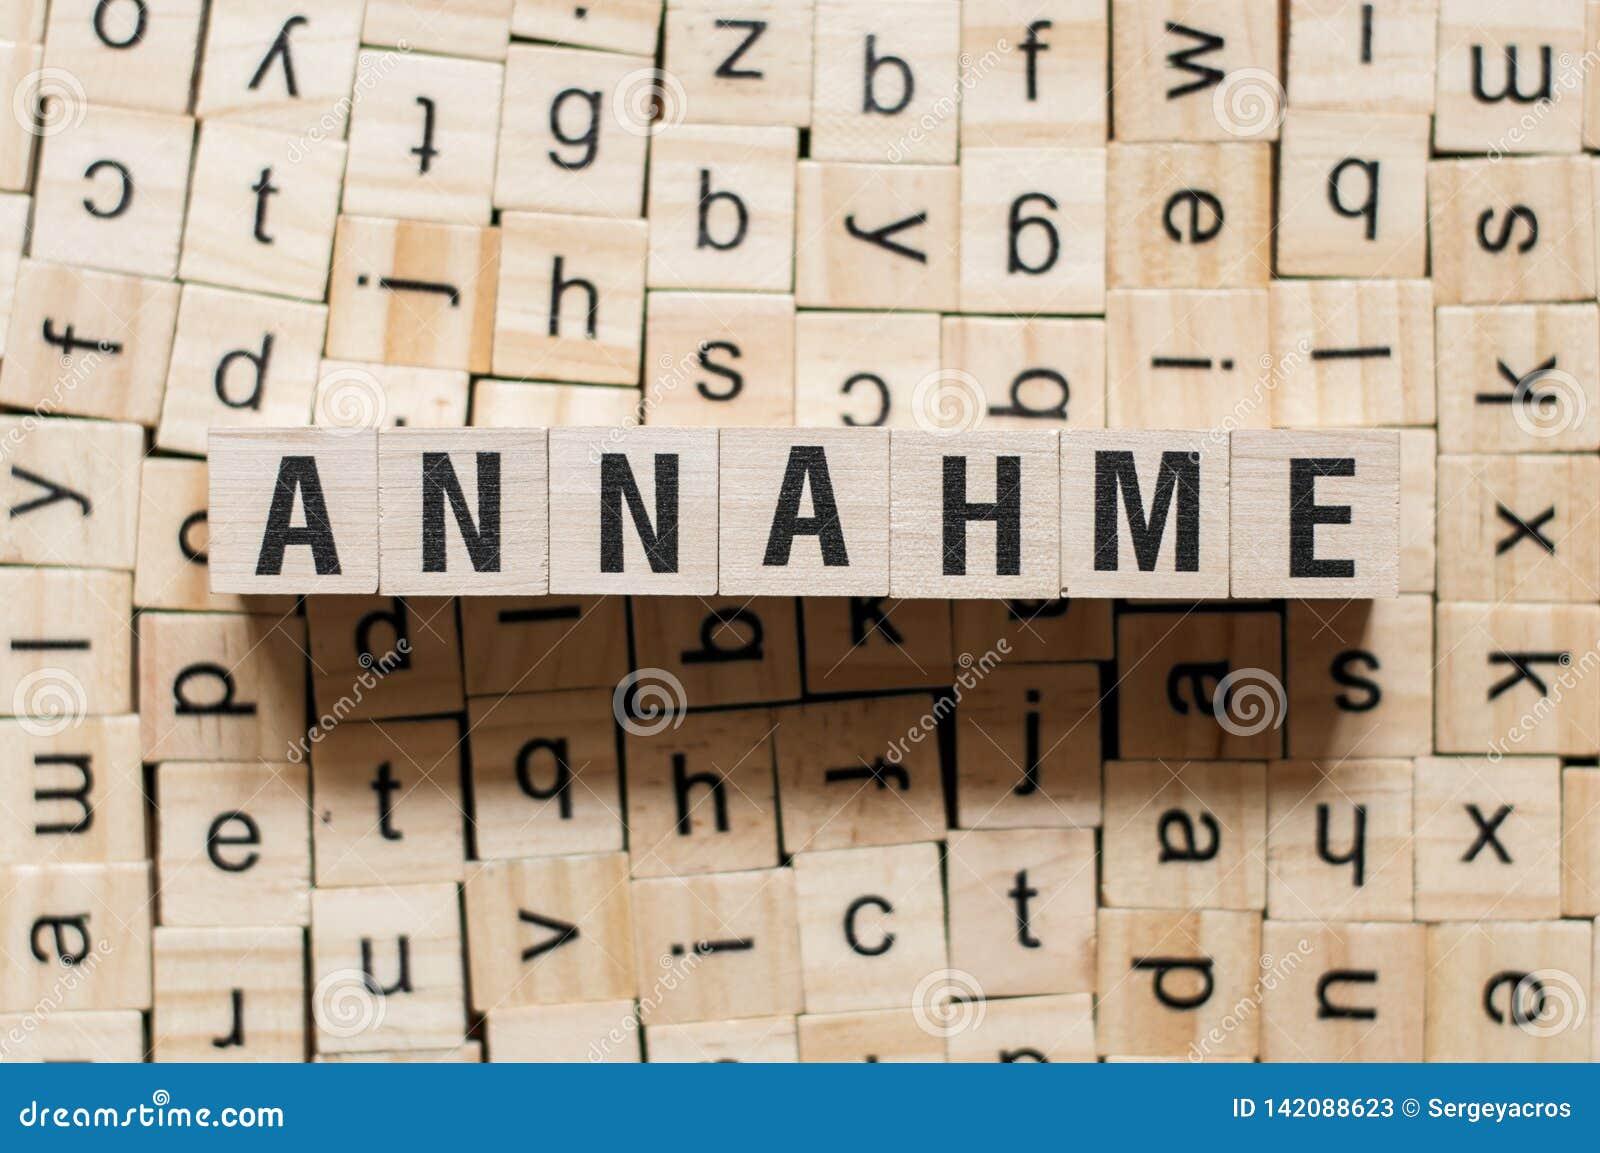 Annahme - Wort Annahme auf deutscher Sprache, Wortkonzept